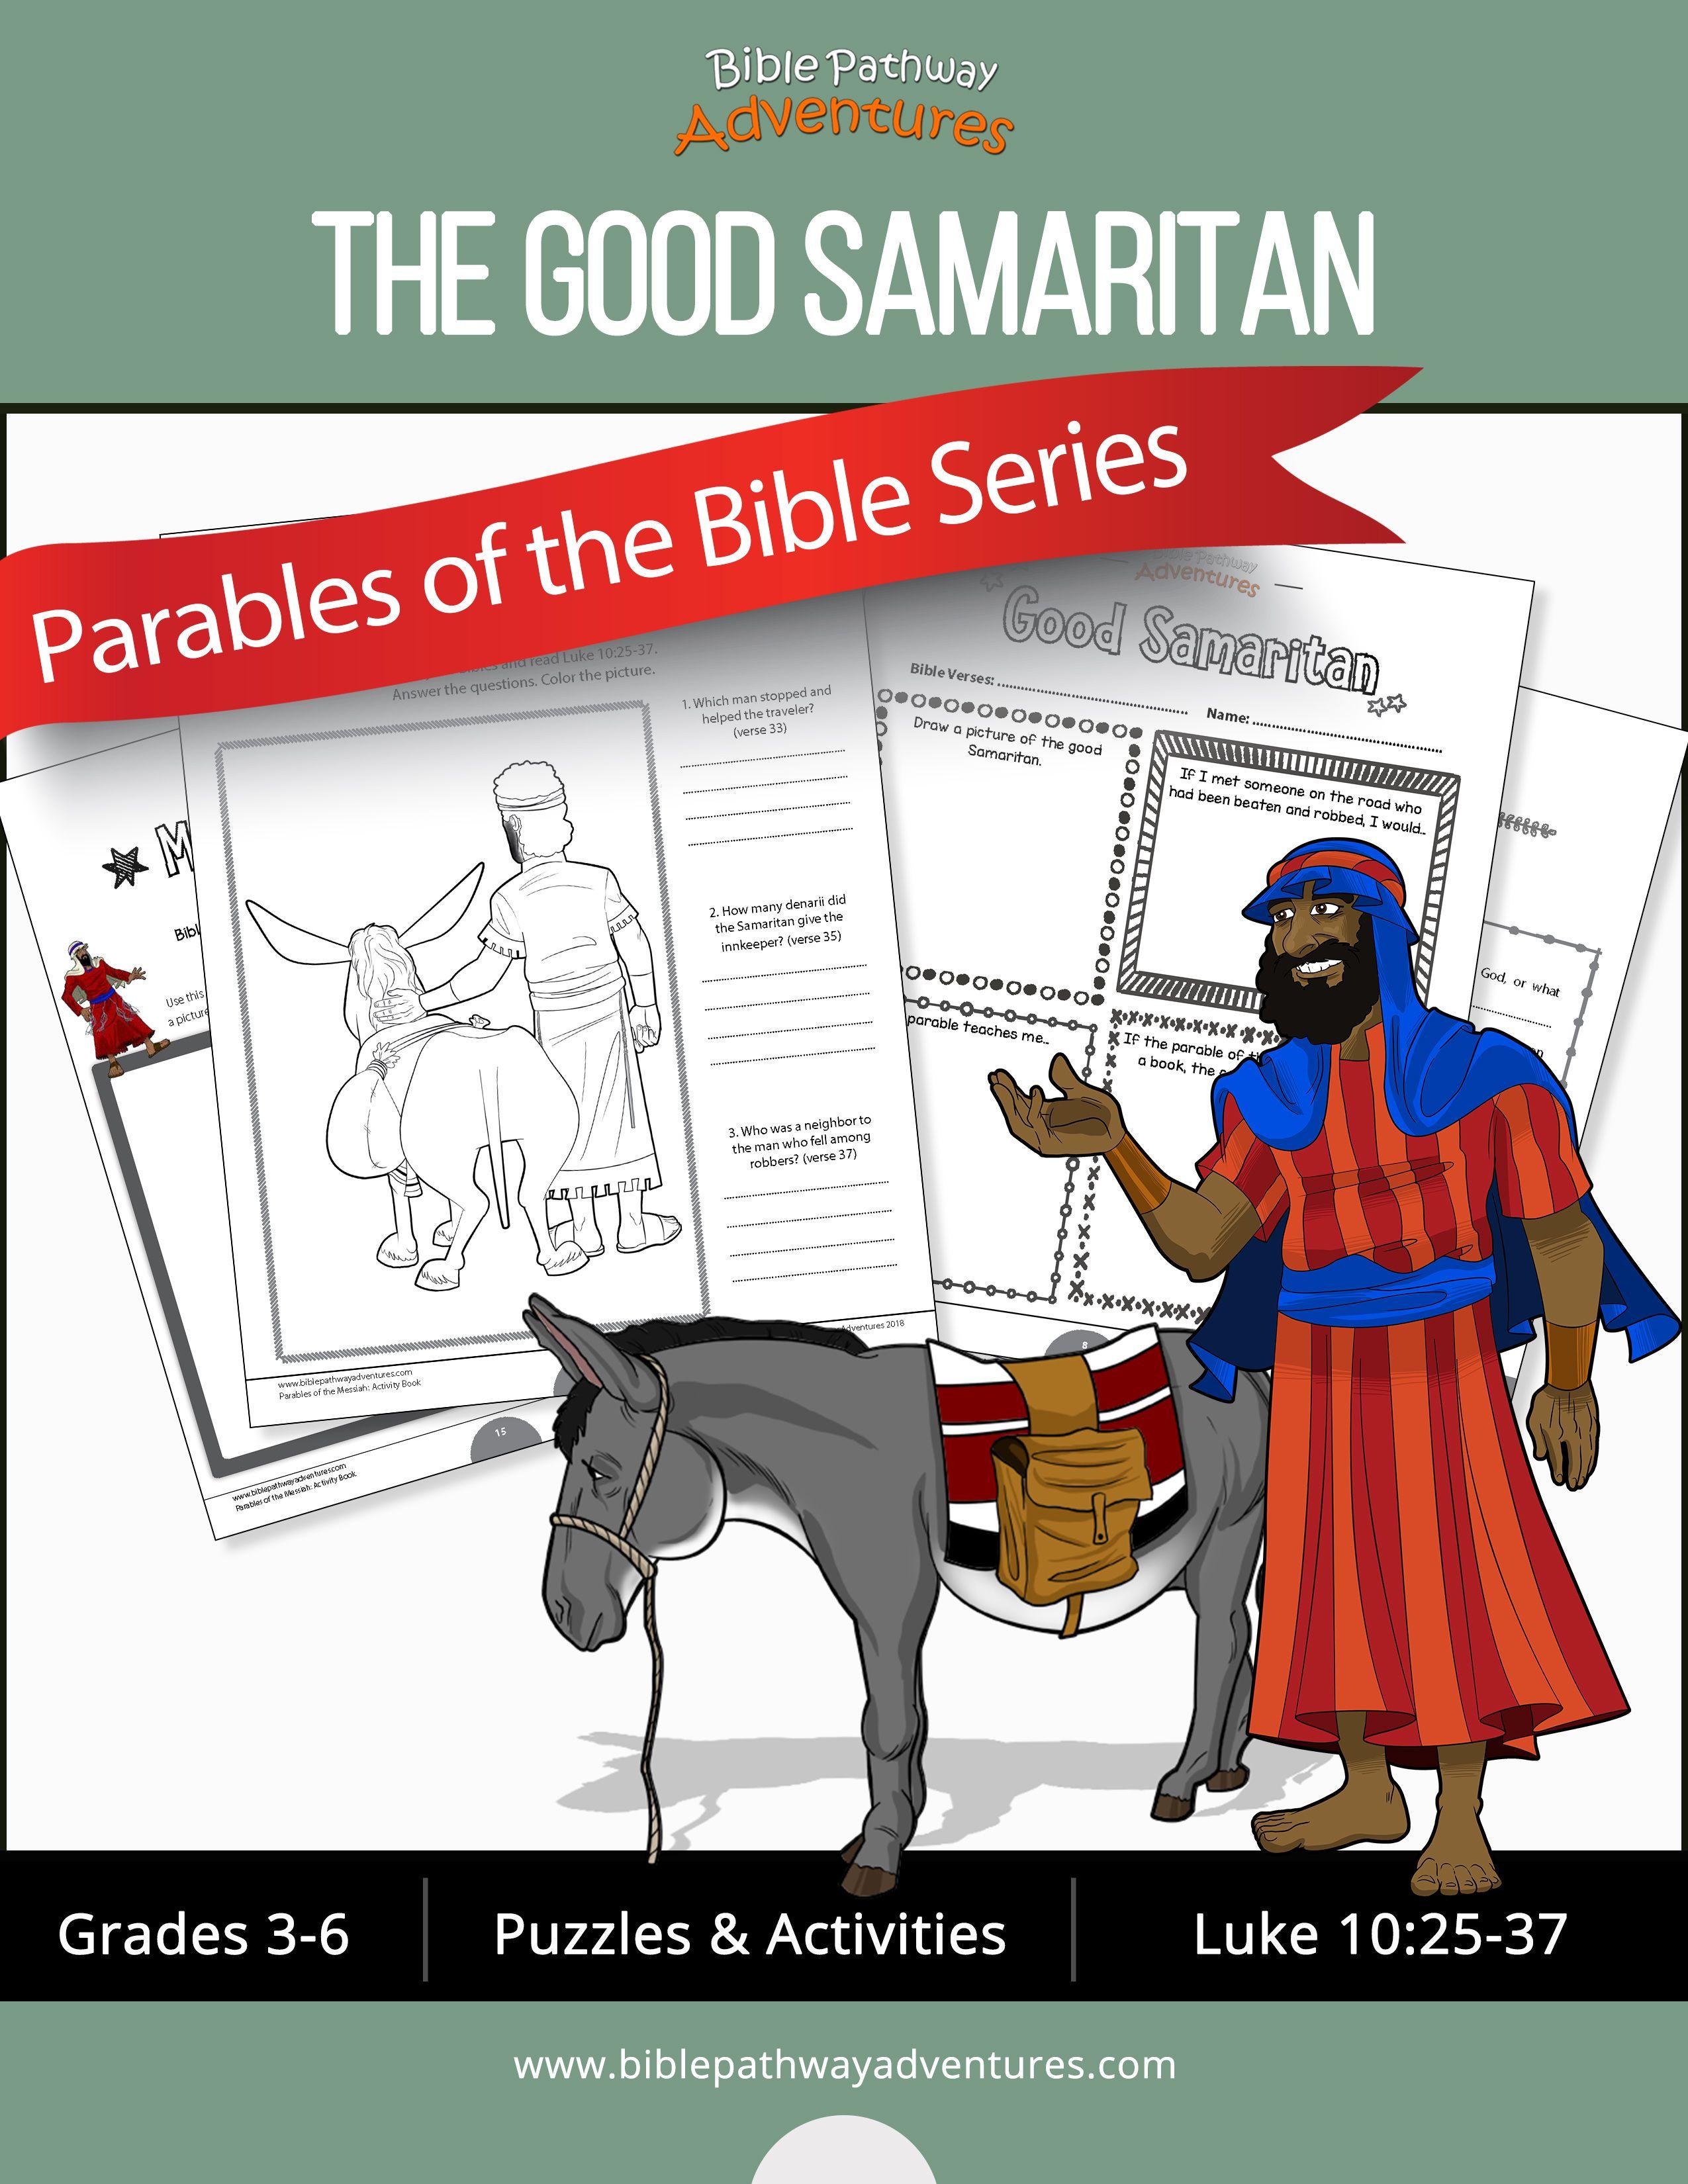 Bible Parable The Good Samaritan